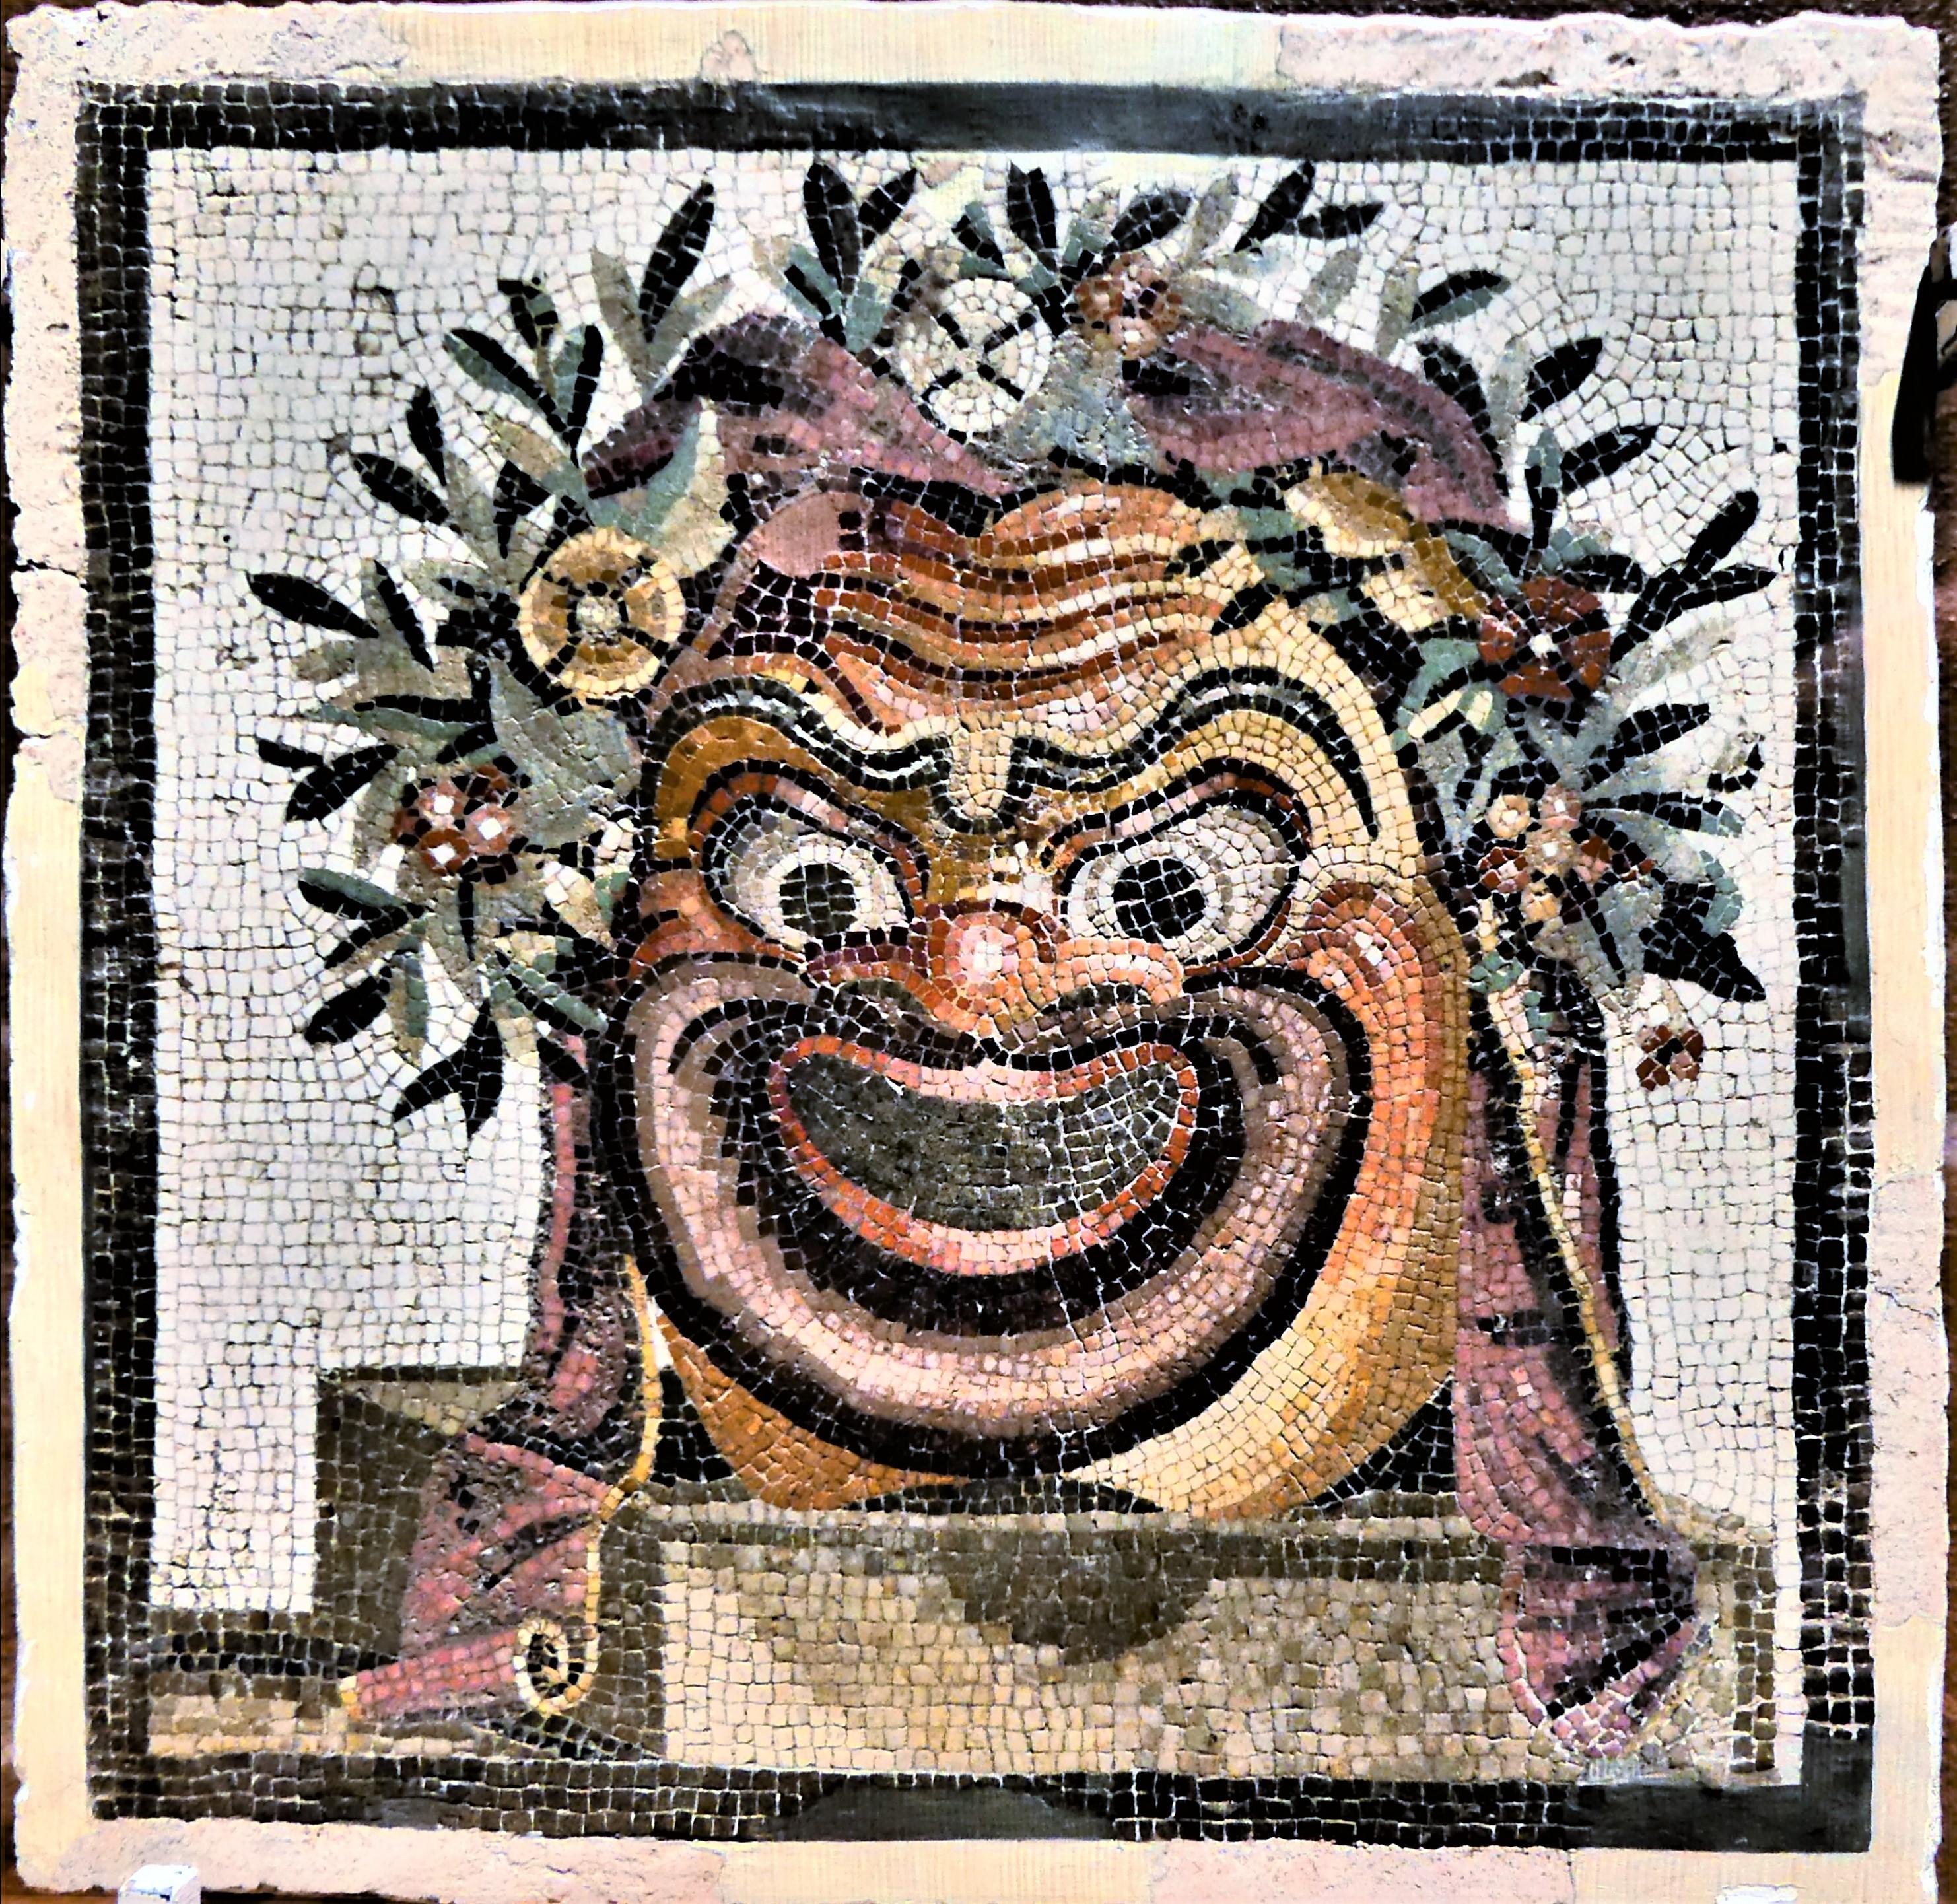 1 AD mosaic